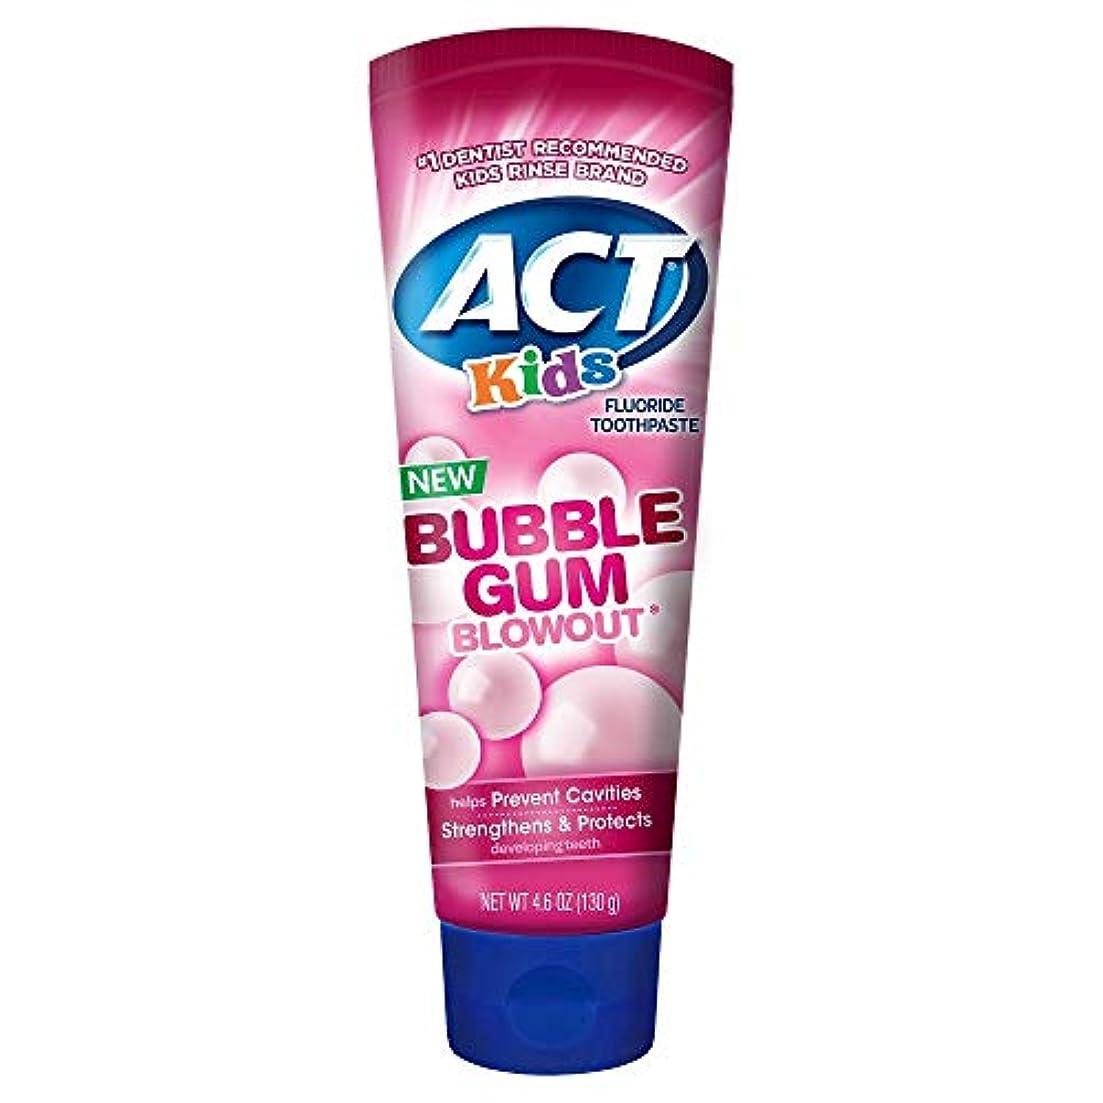 グレートオークひいきにする駅ACT キッズバブルブローアウト歯磨き粉の4.6オンス(2パック)